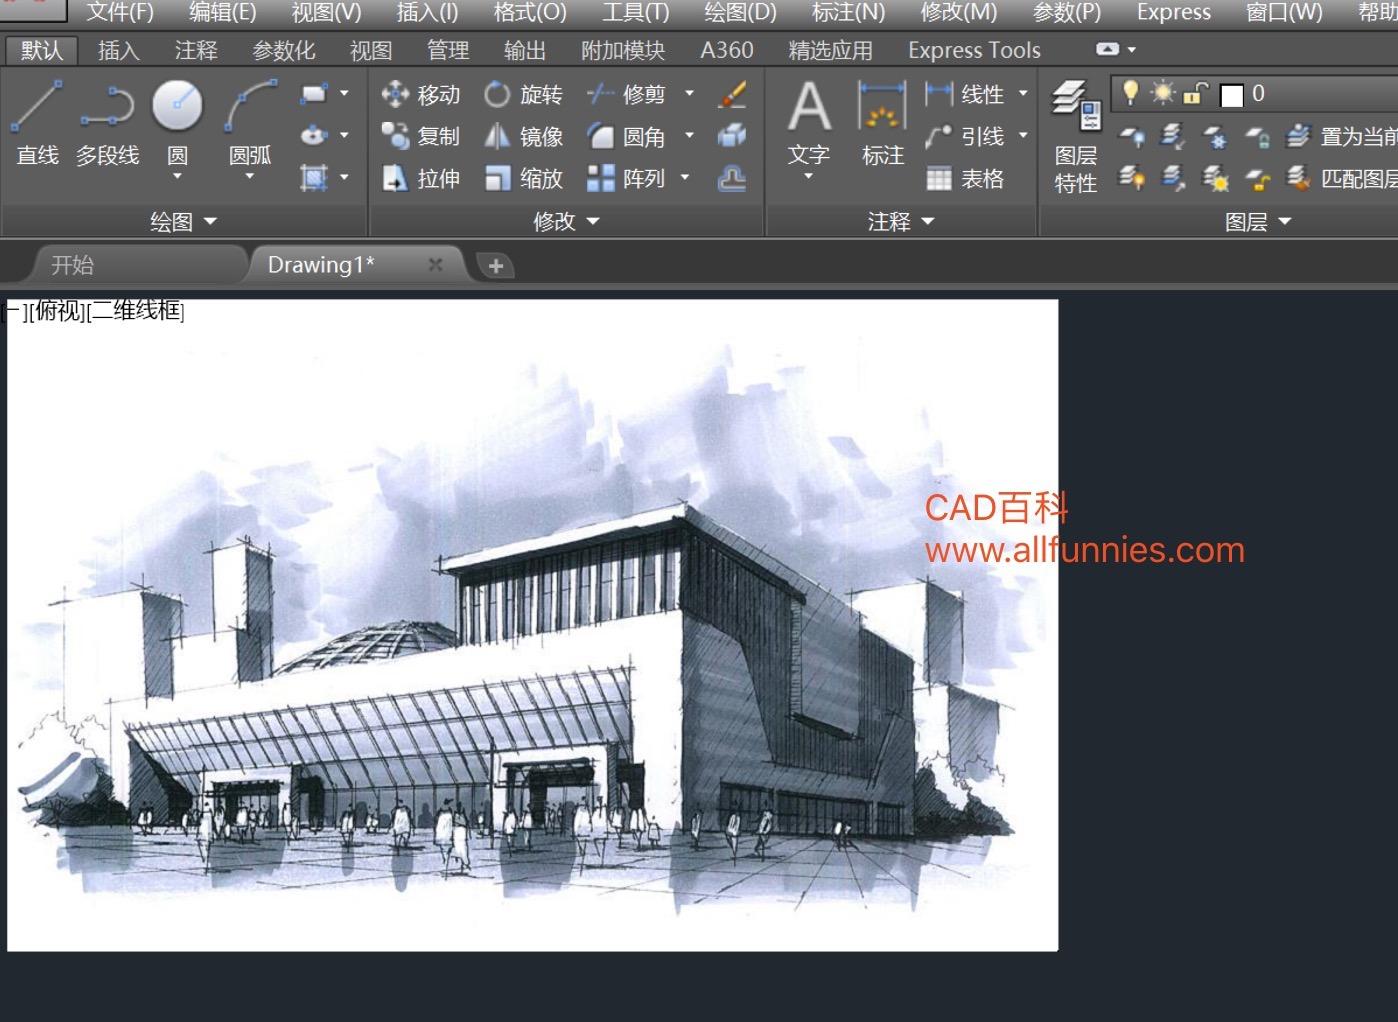 如何解决图片插入CAD时显示不出来的问题